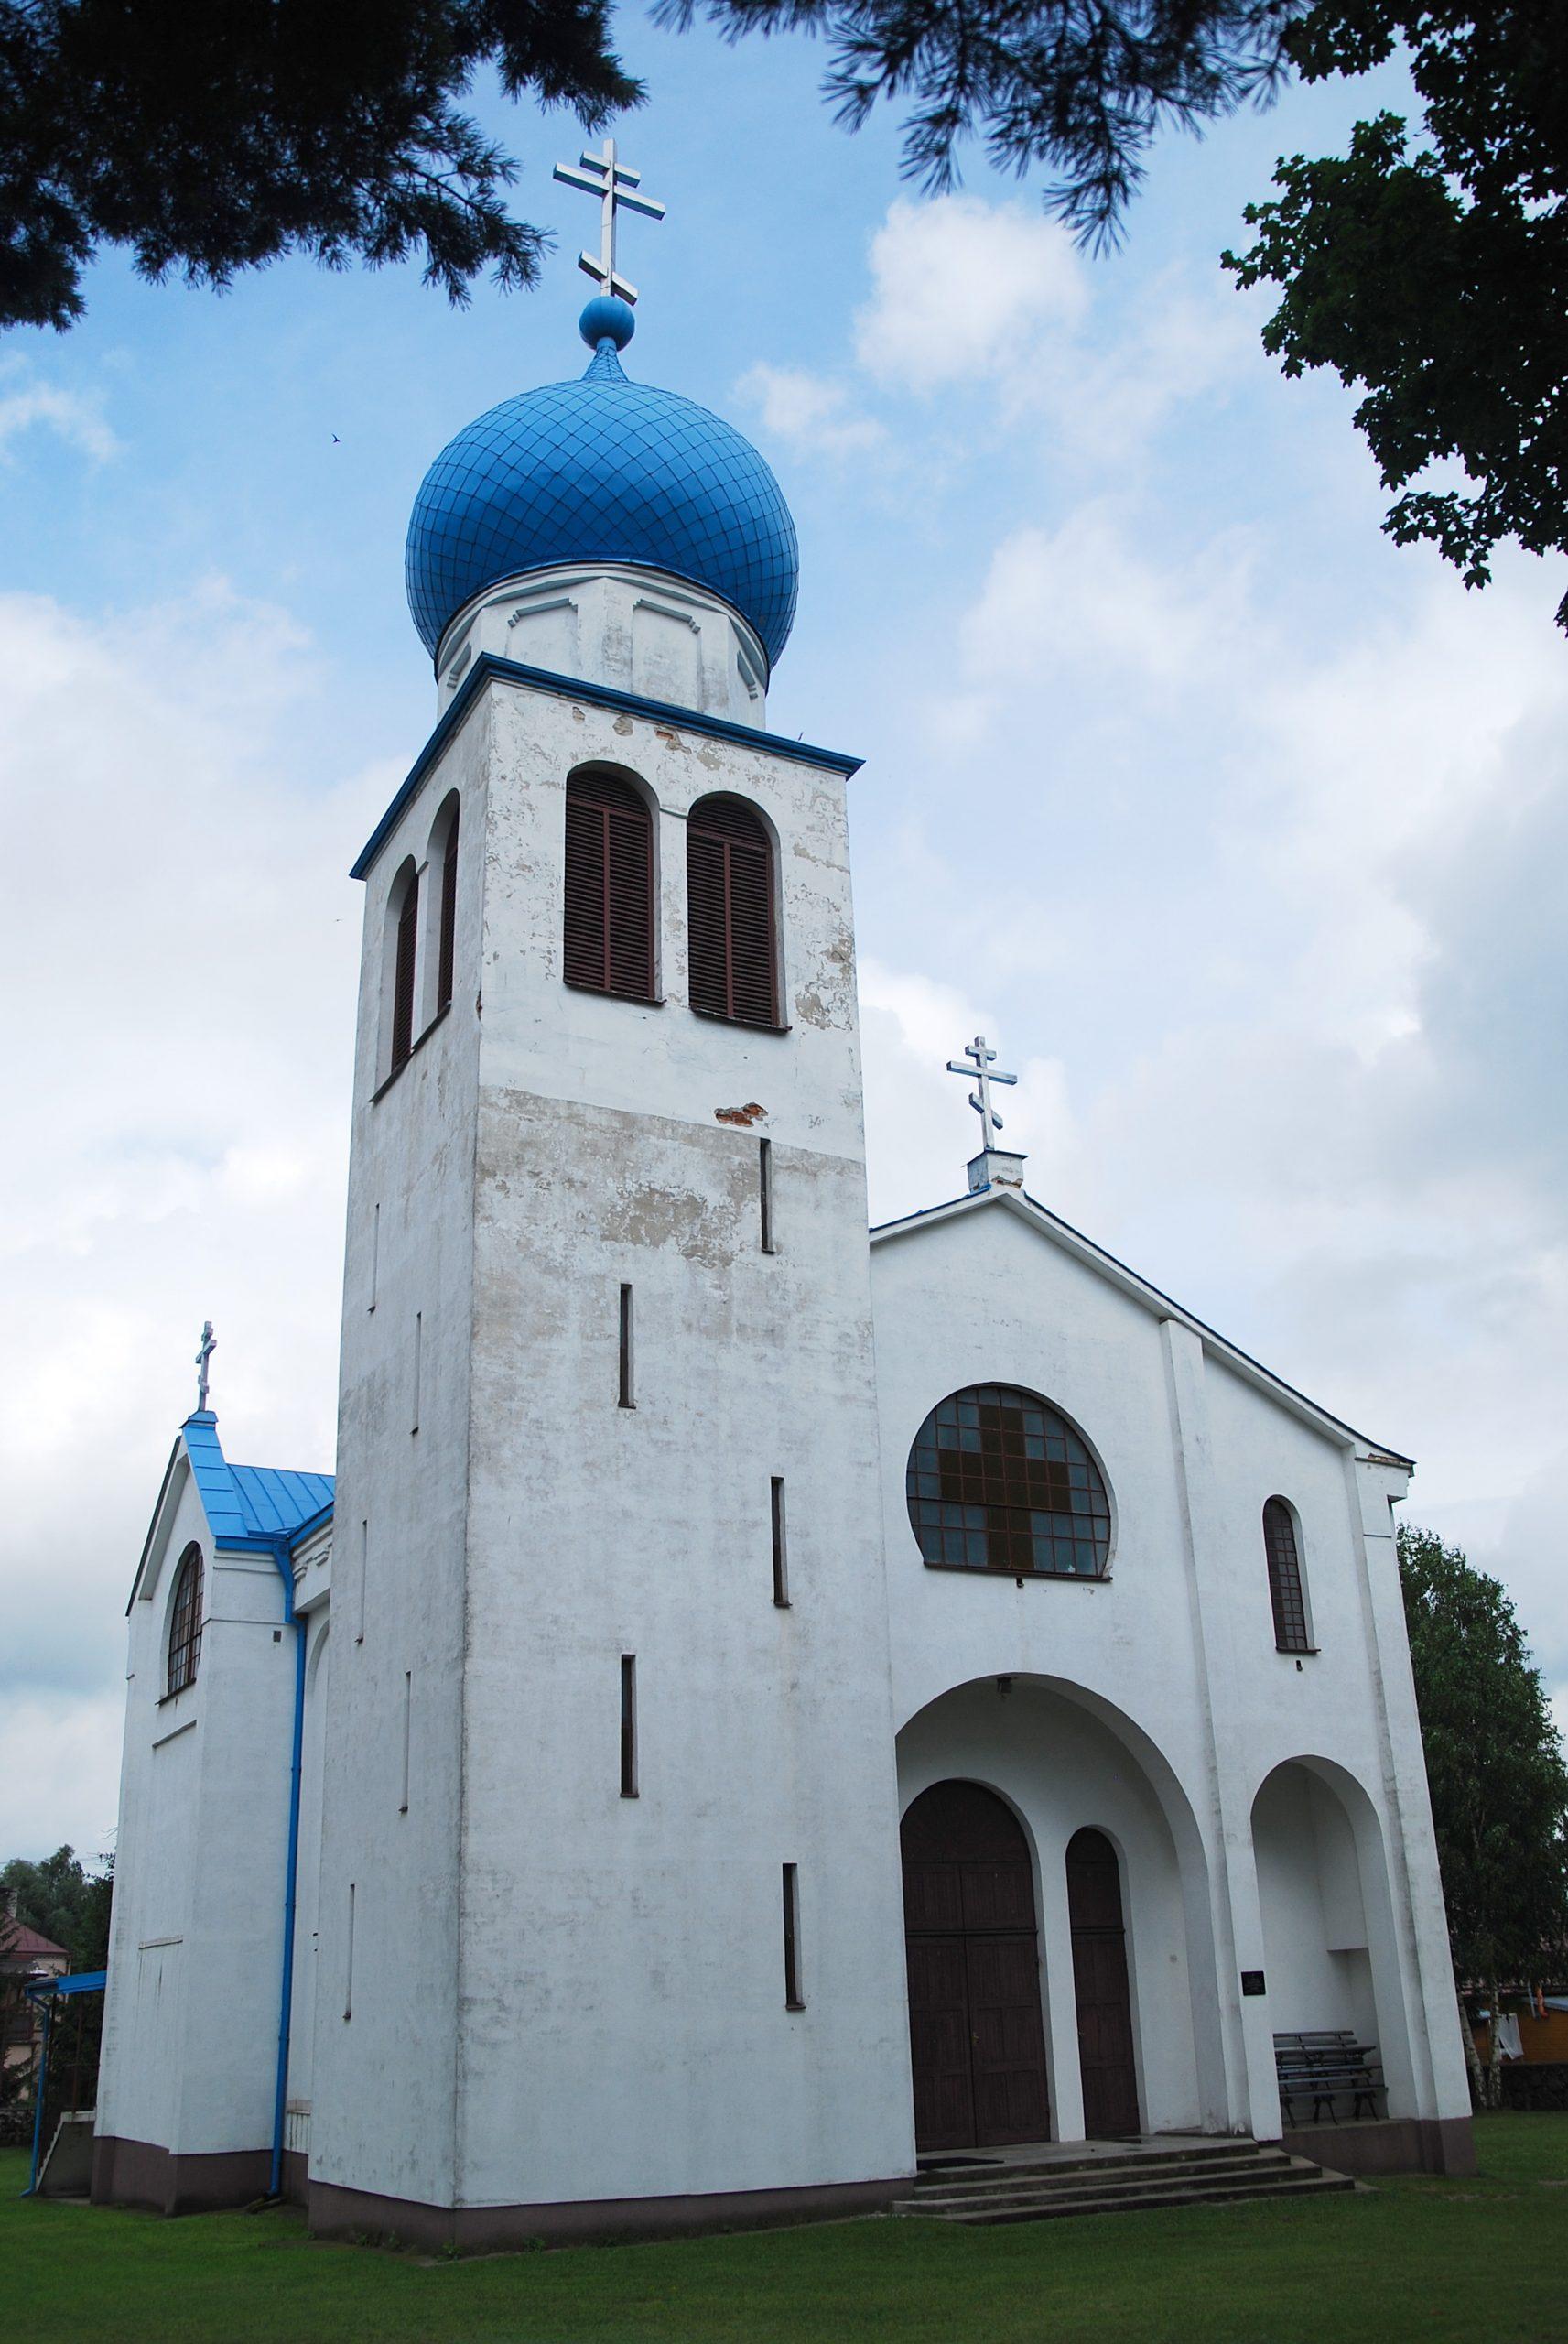 Cerkiew Zmartwychwstania Pańskiego w Jacznie